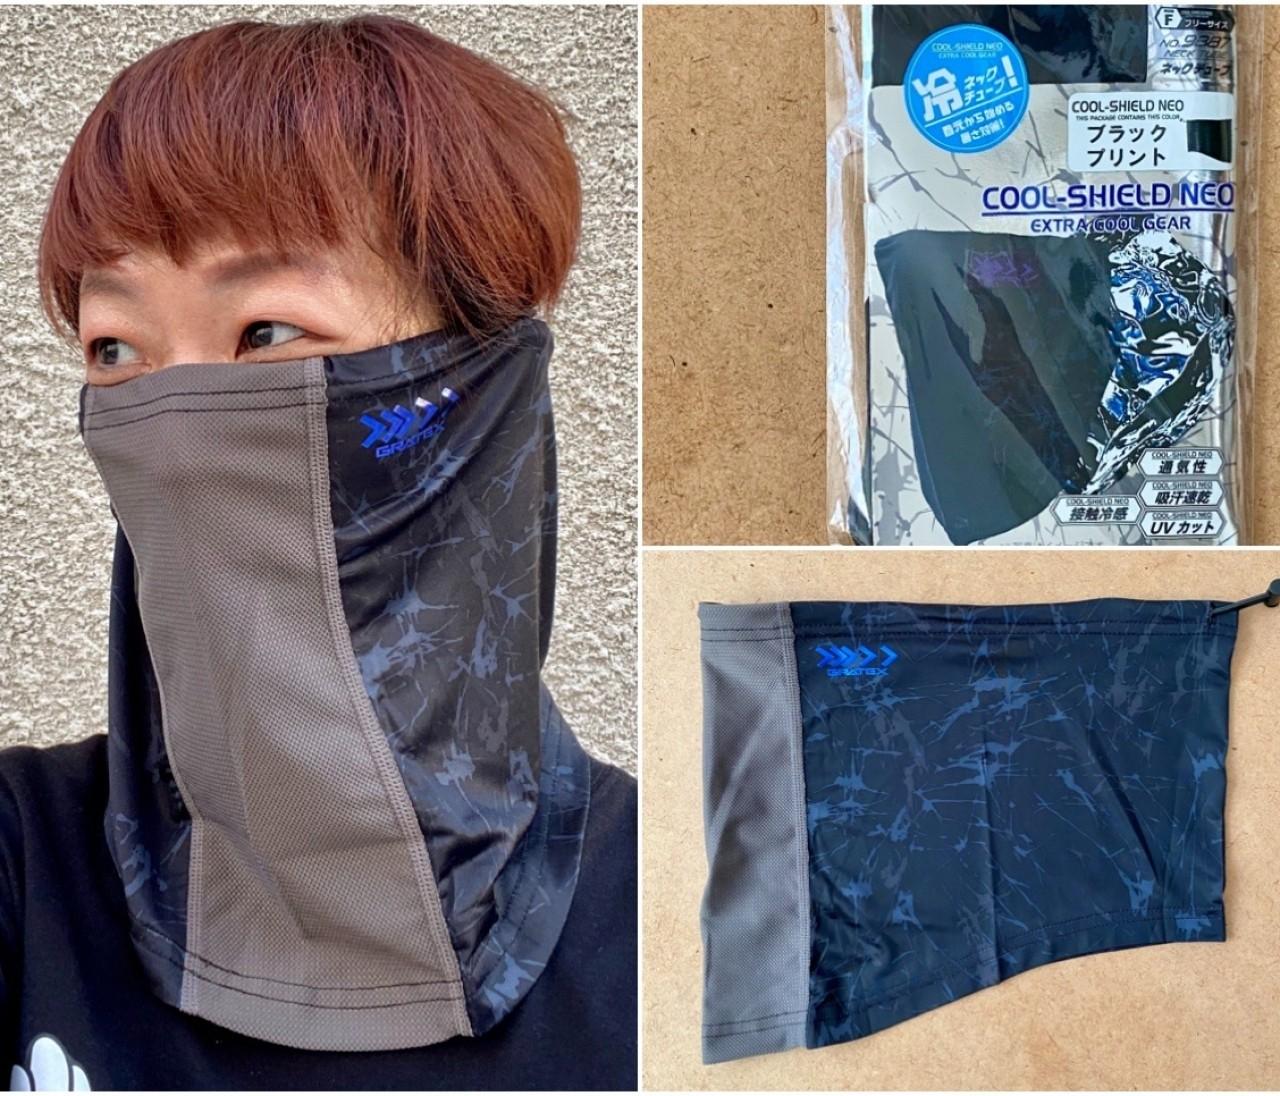 【ワークマン(WORKMAN)】暑い夏のマスク代用にお役立ち!? 接触冷感・吸水速乾・UVカット機能つきネックチューブ&フェイスカバー「クールシールド ネオ」